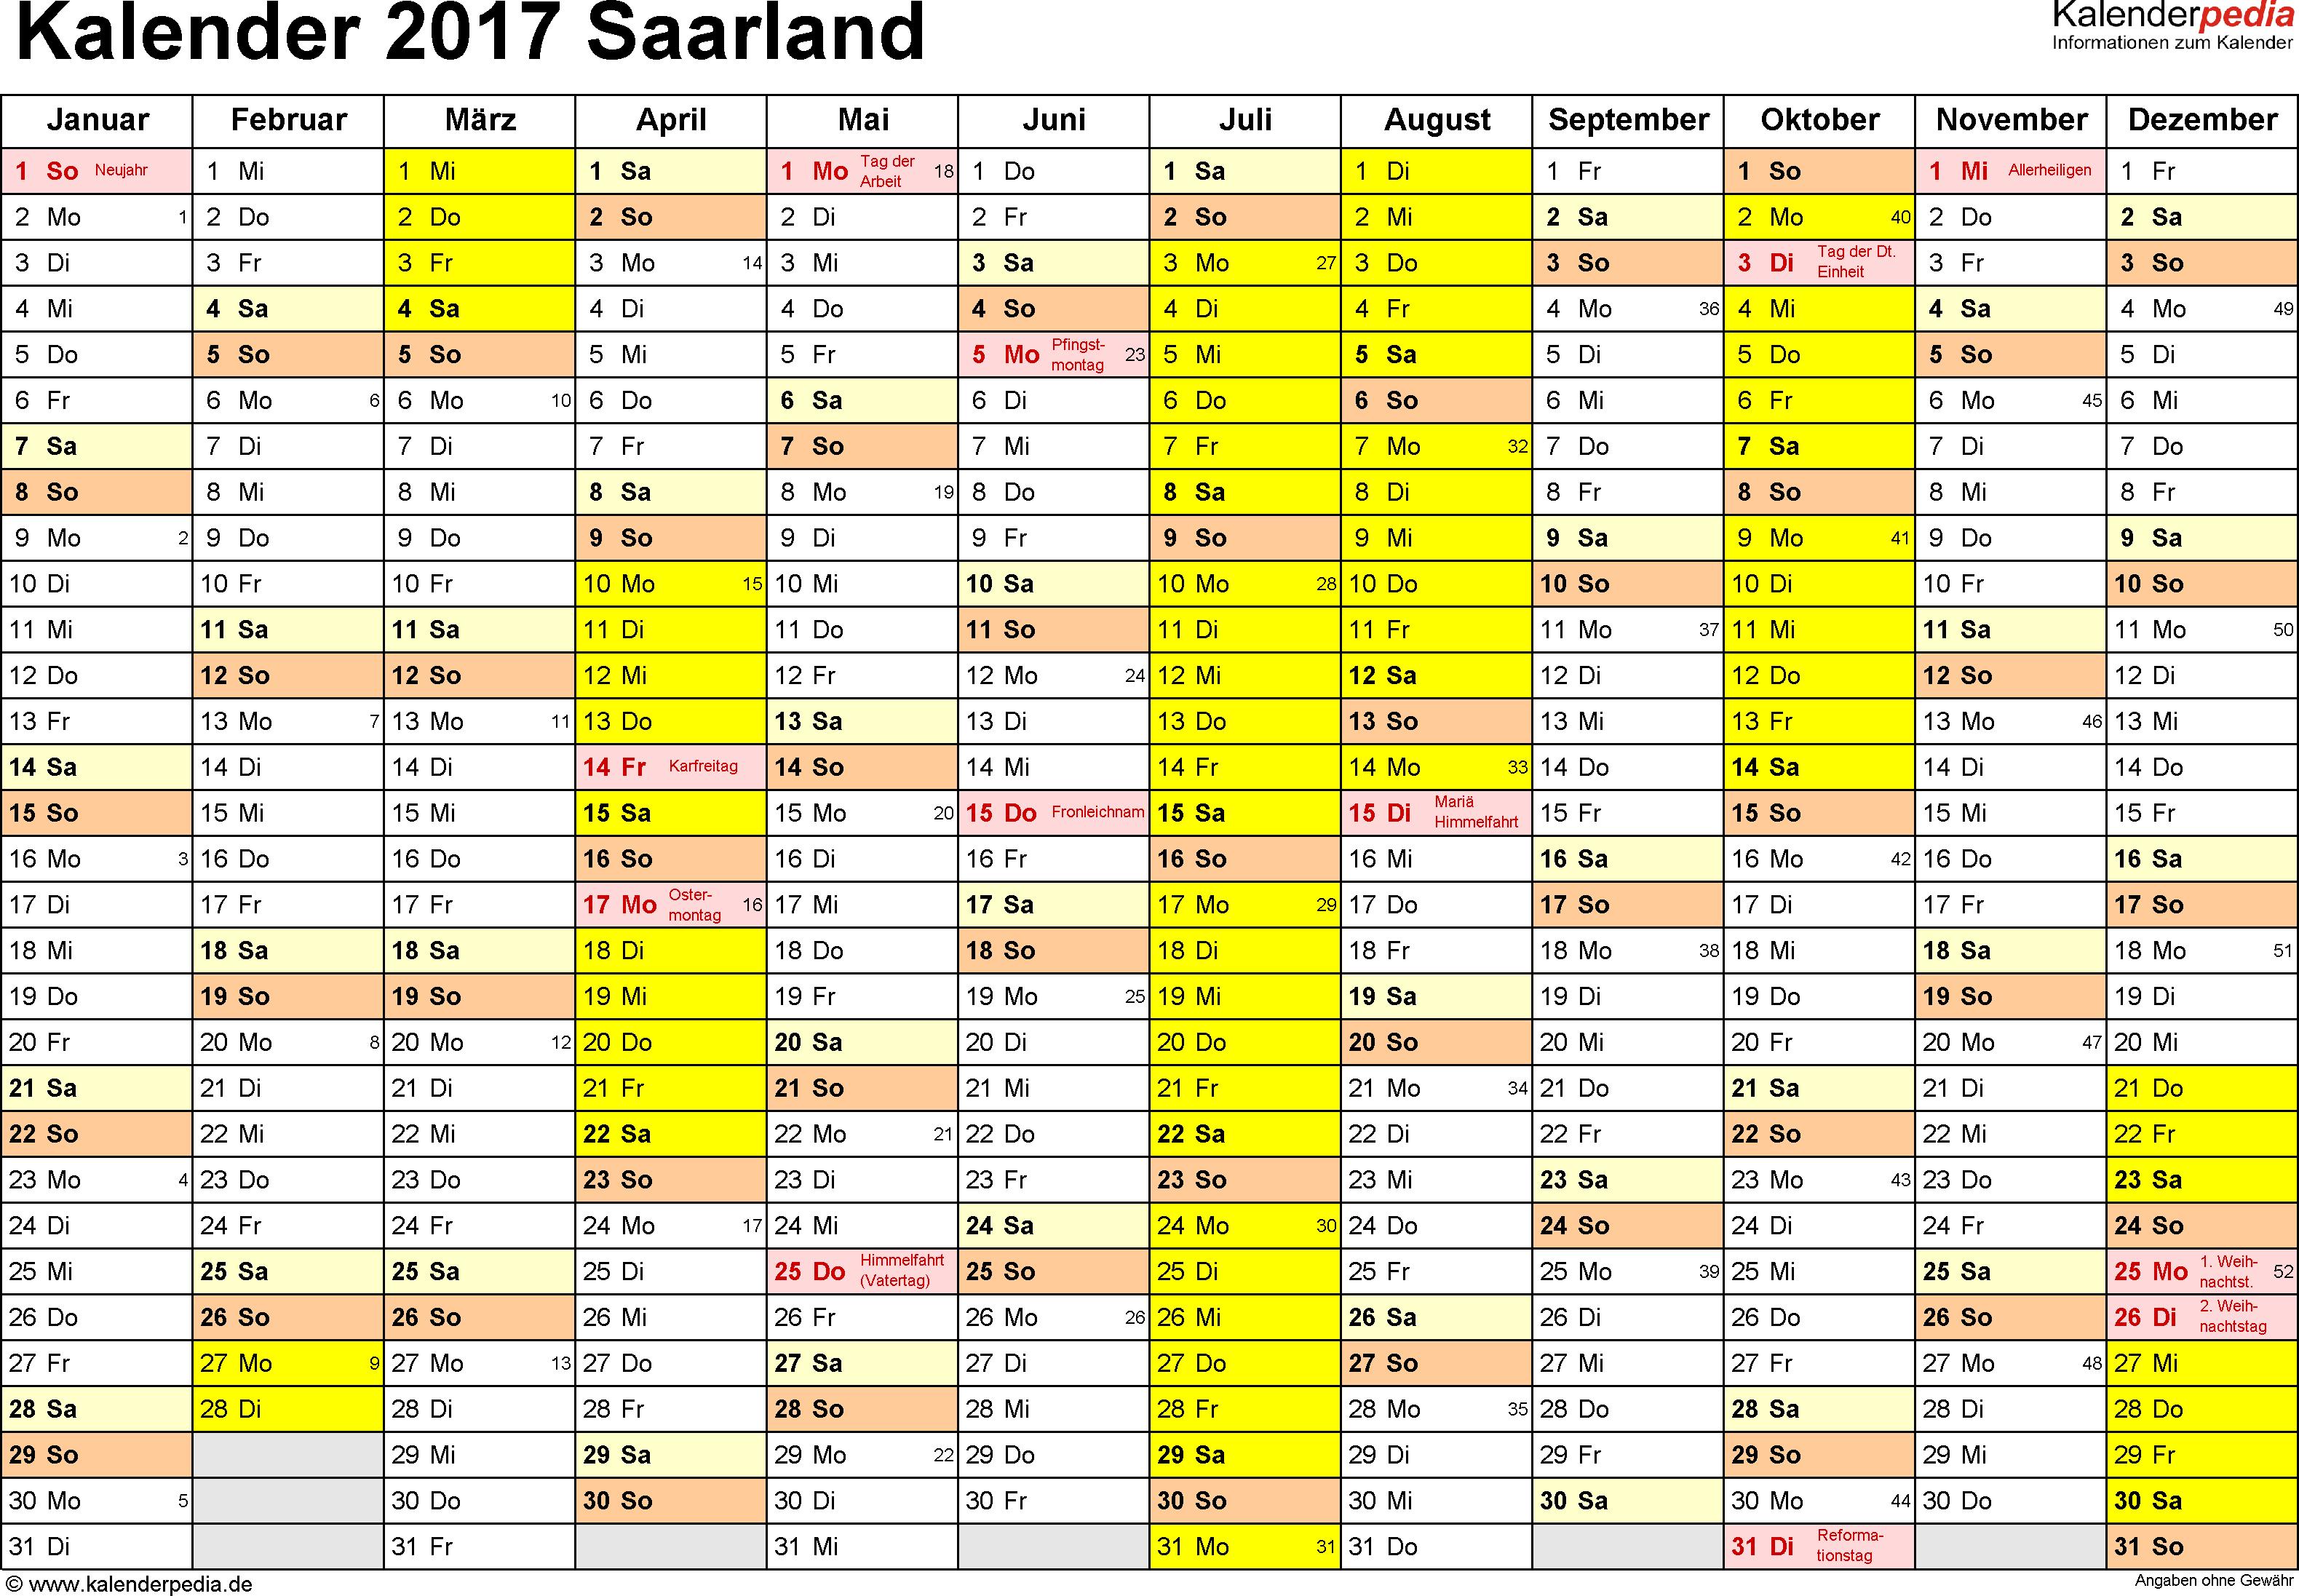 Vorlage 1: Kalender 2017 für Saarland als PDF-Vorlage (Querformat, 1 Seite)